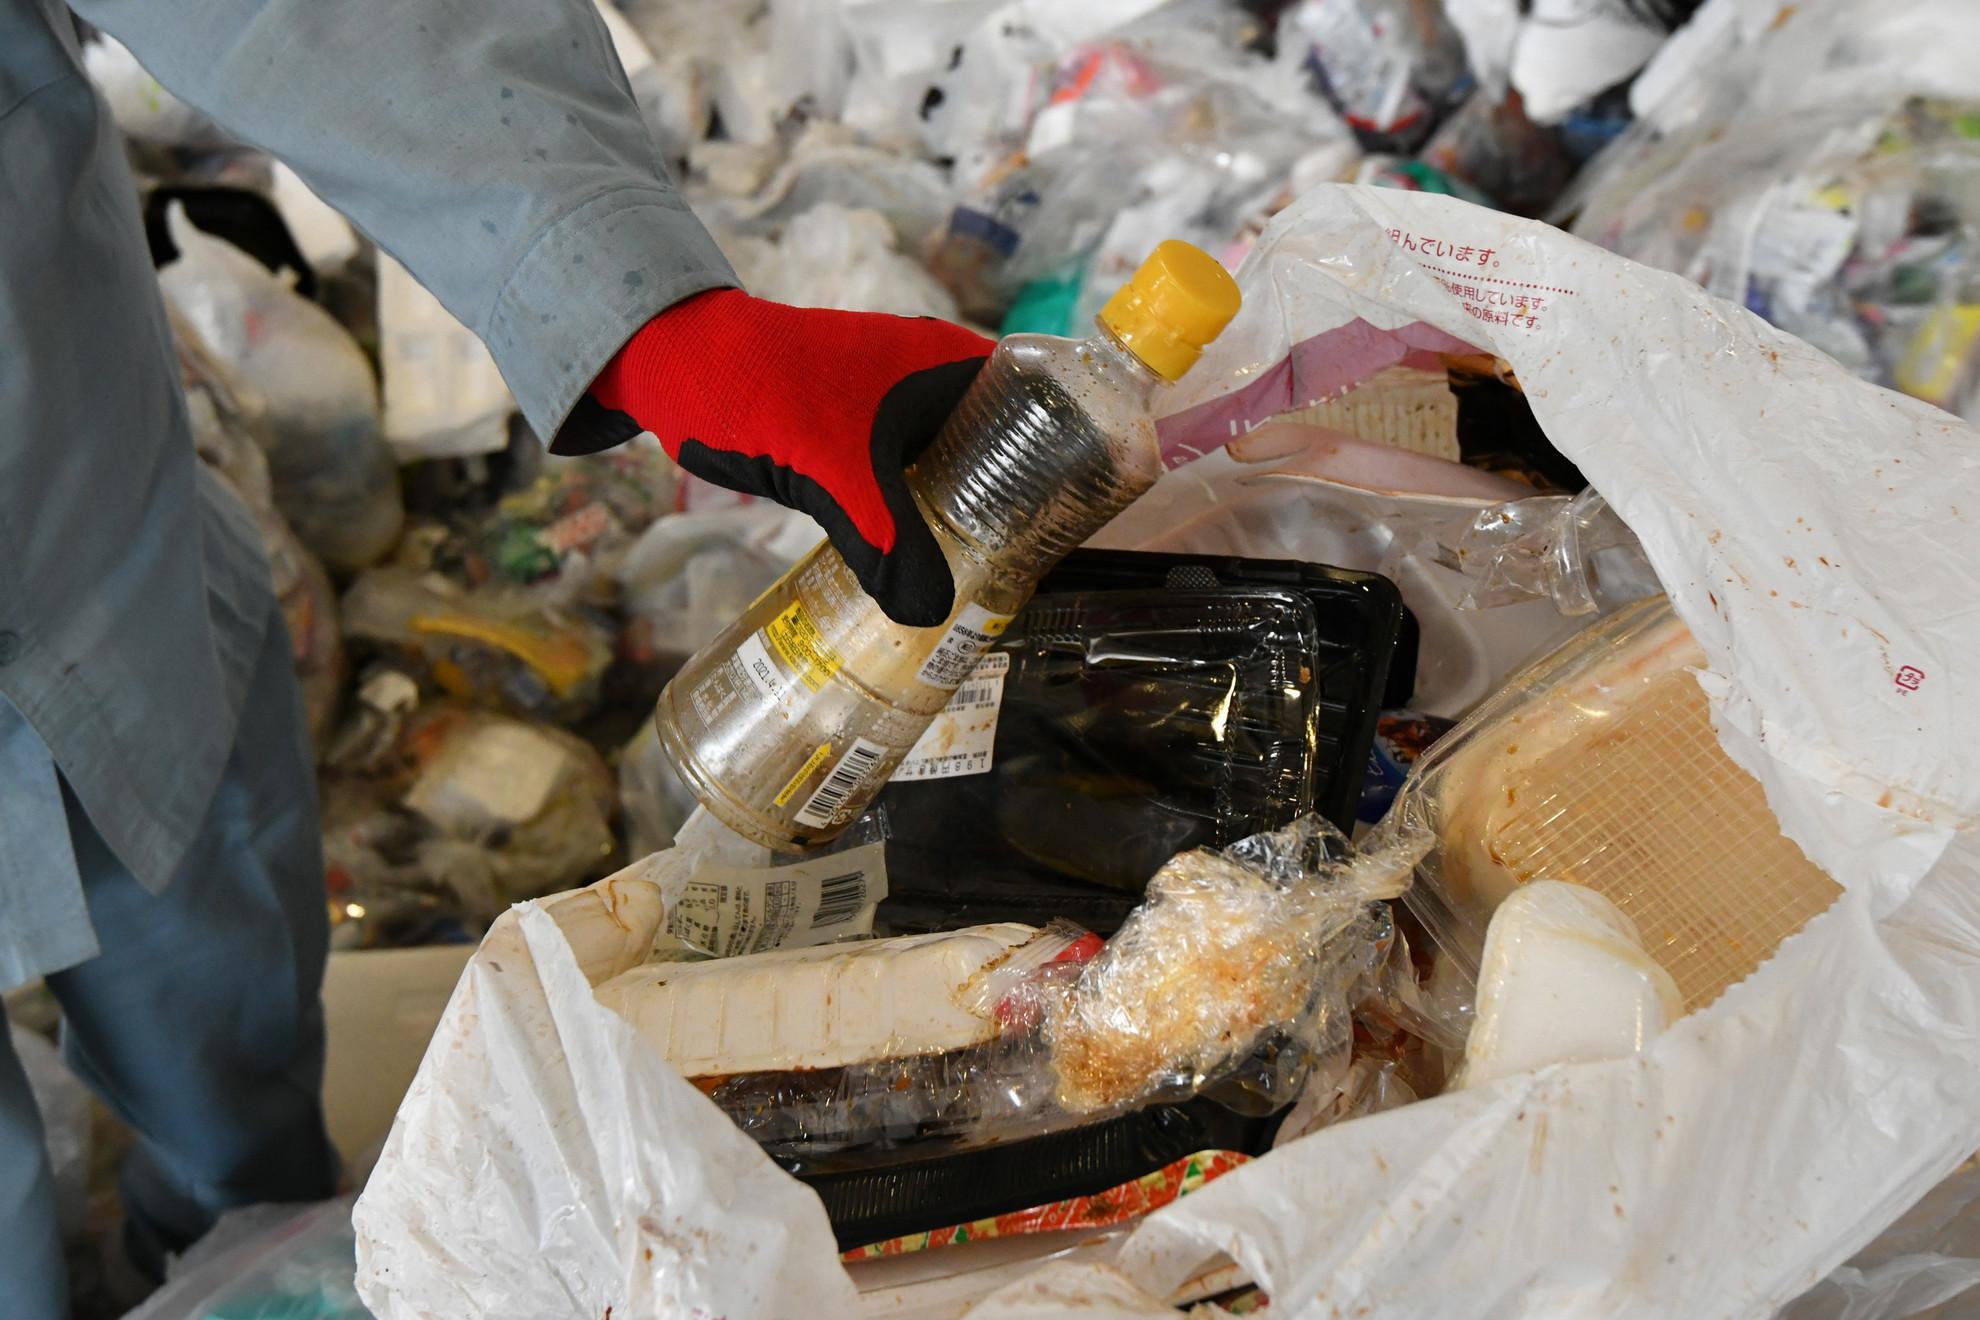 Döntöttek az egyszer használatos műanyagok betiltásáról is